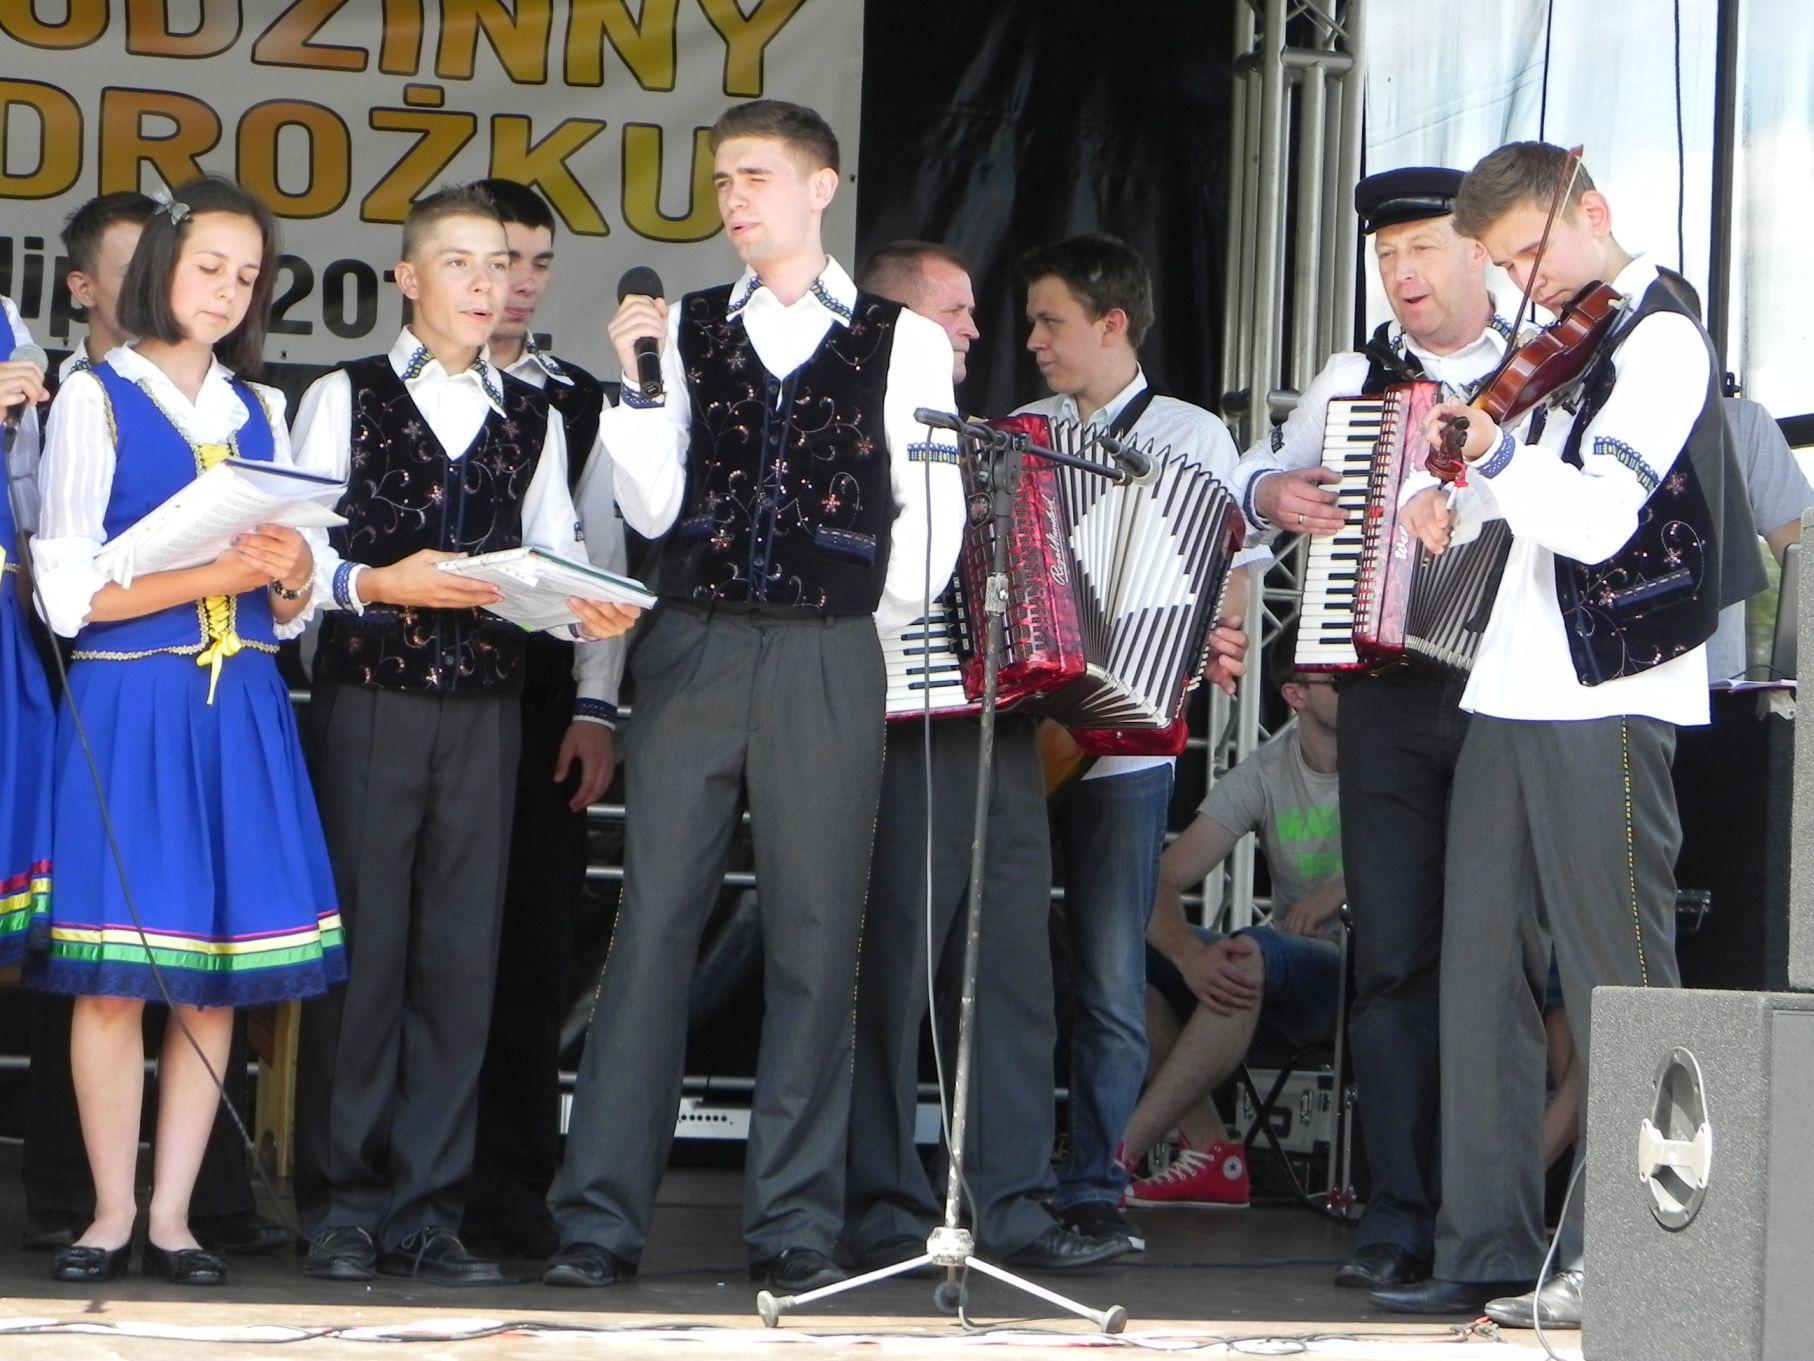 2013-07-07 Głuchów Festyn na Przydrożku (25)